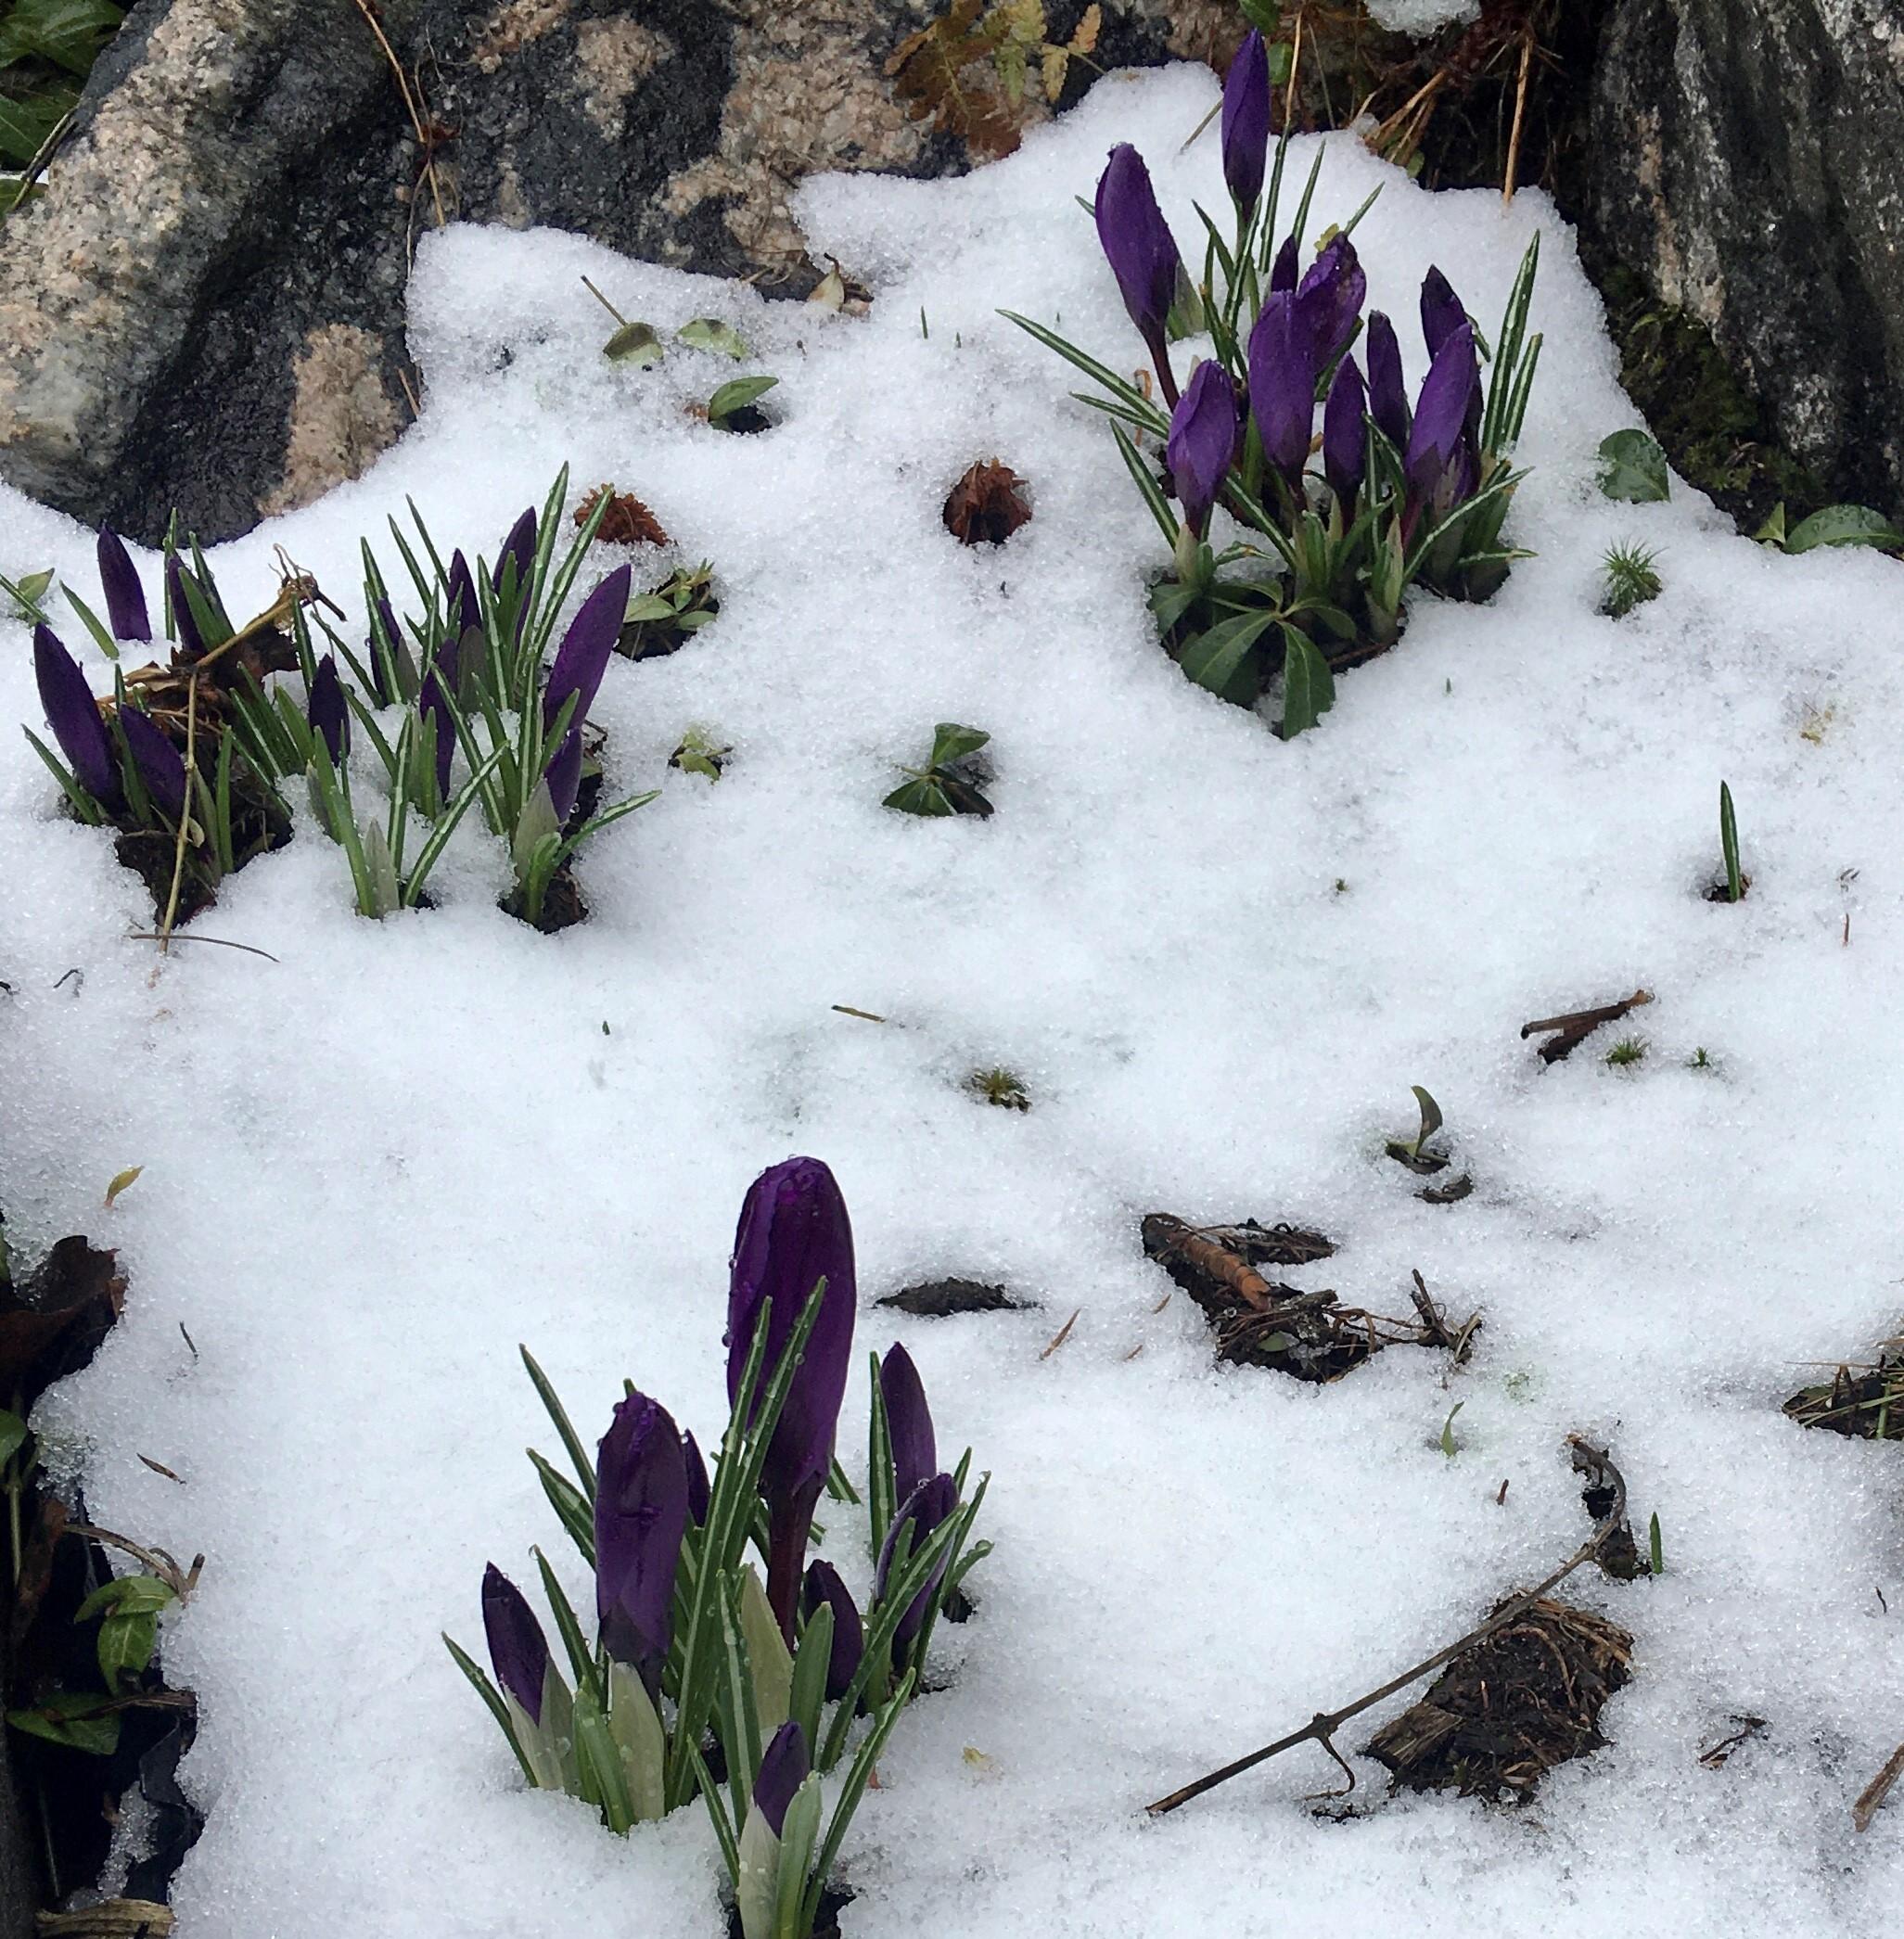 Krokusar i snön